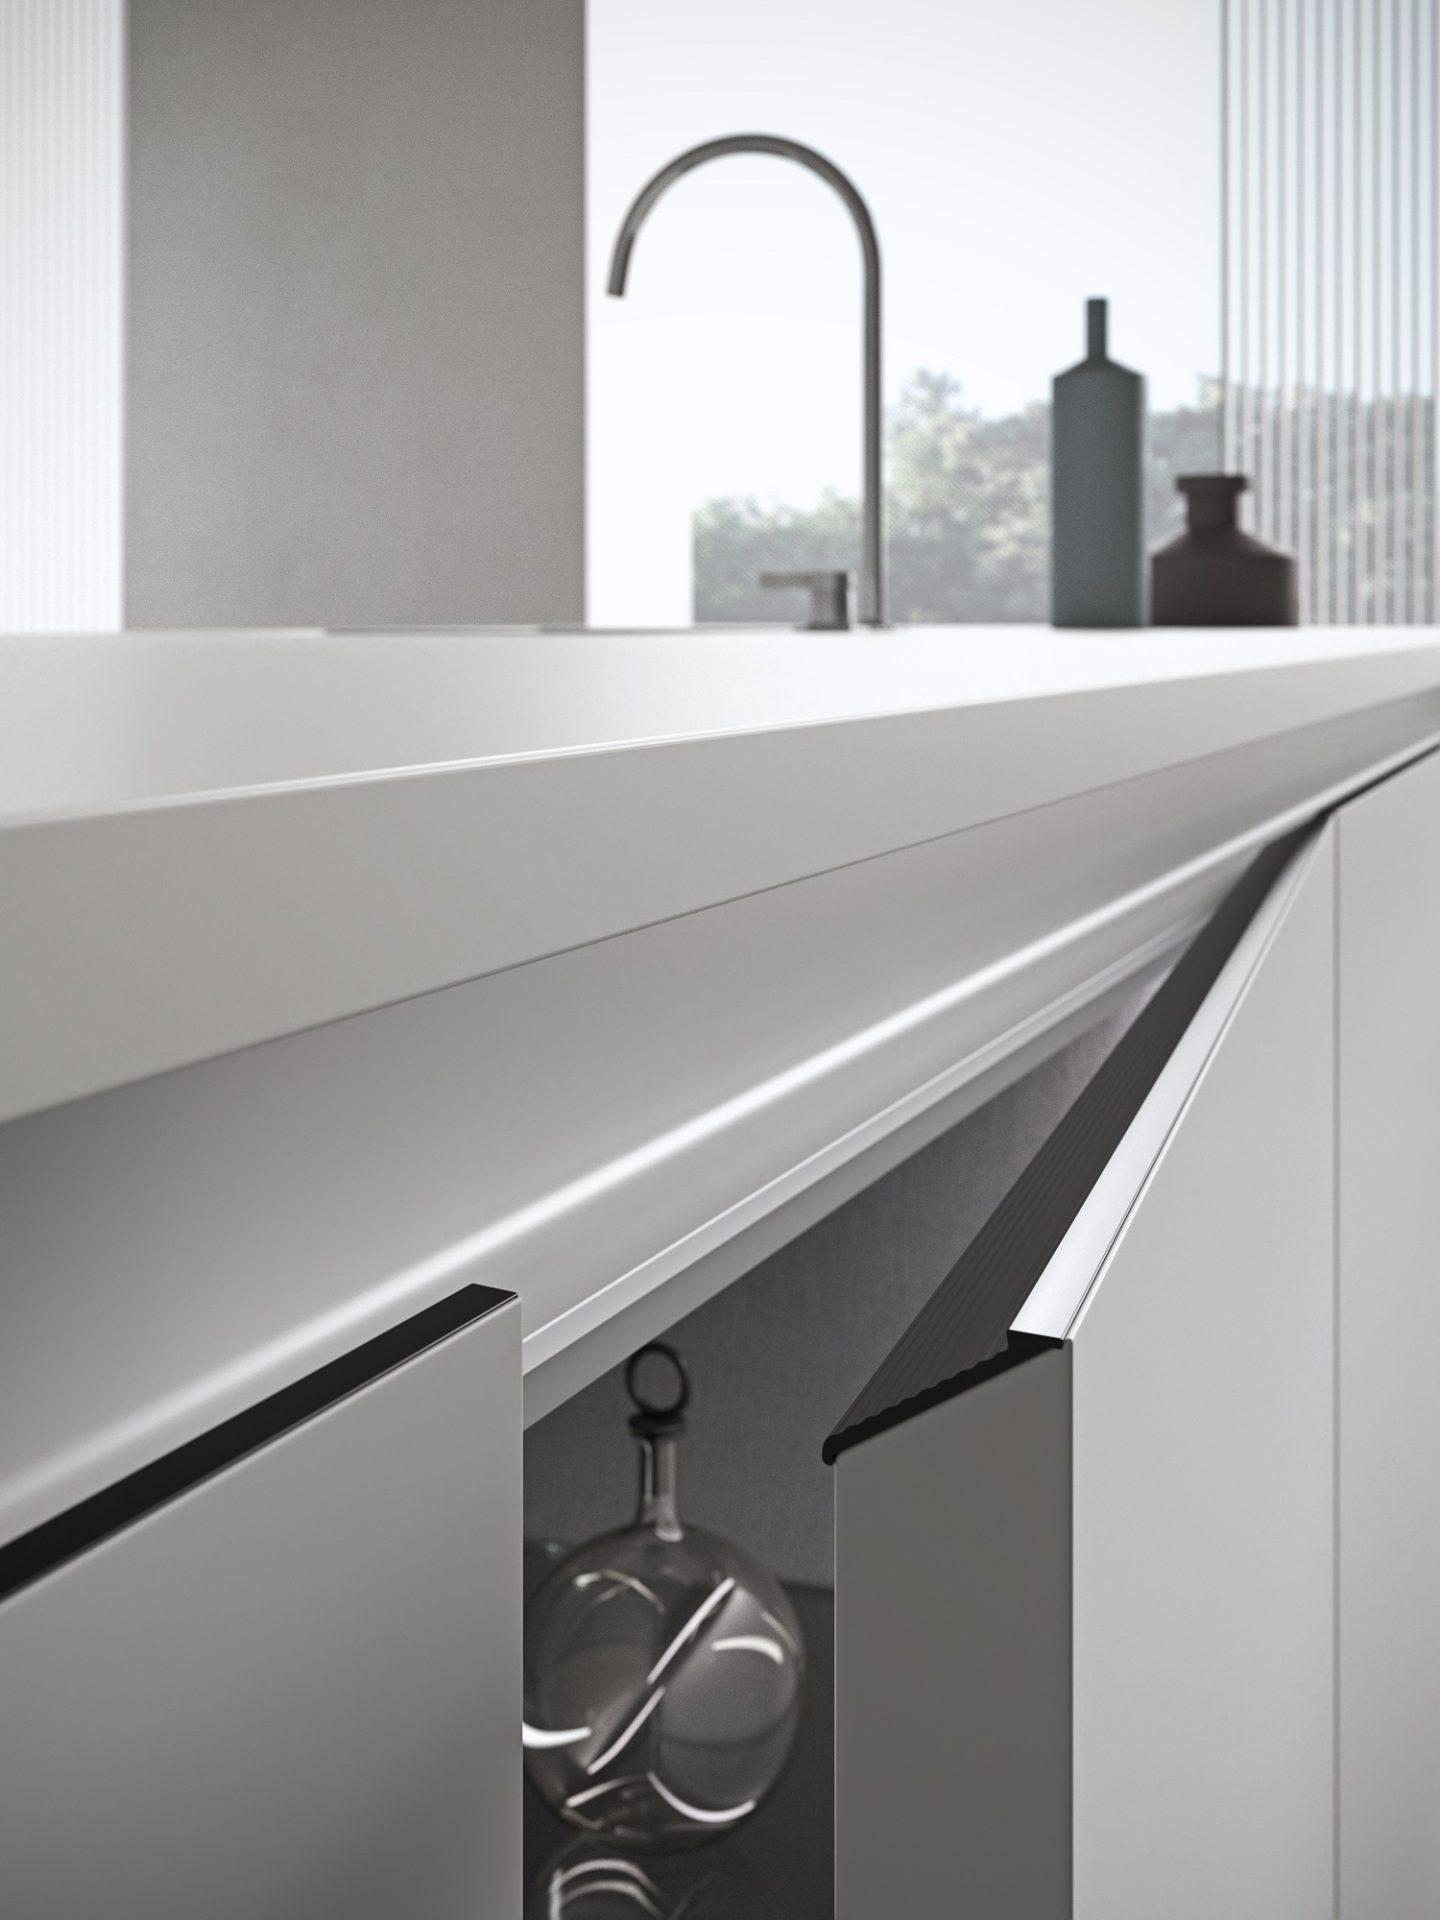 Cucina Snaidero mod. Vision - Riva - Architettura d\'Interni